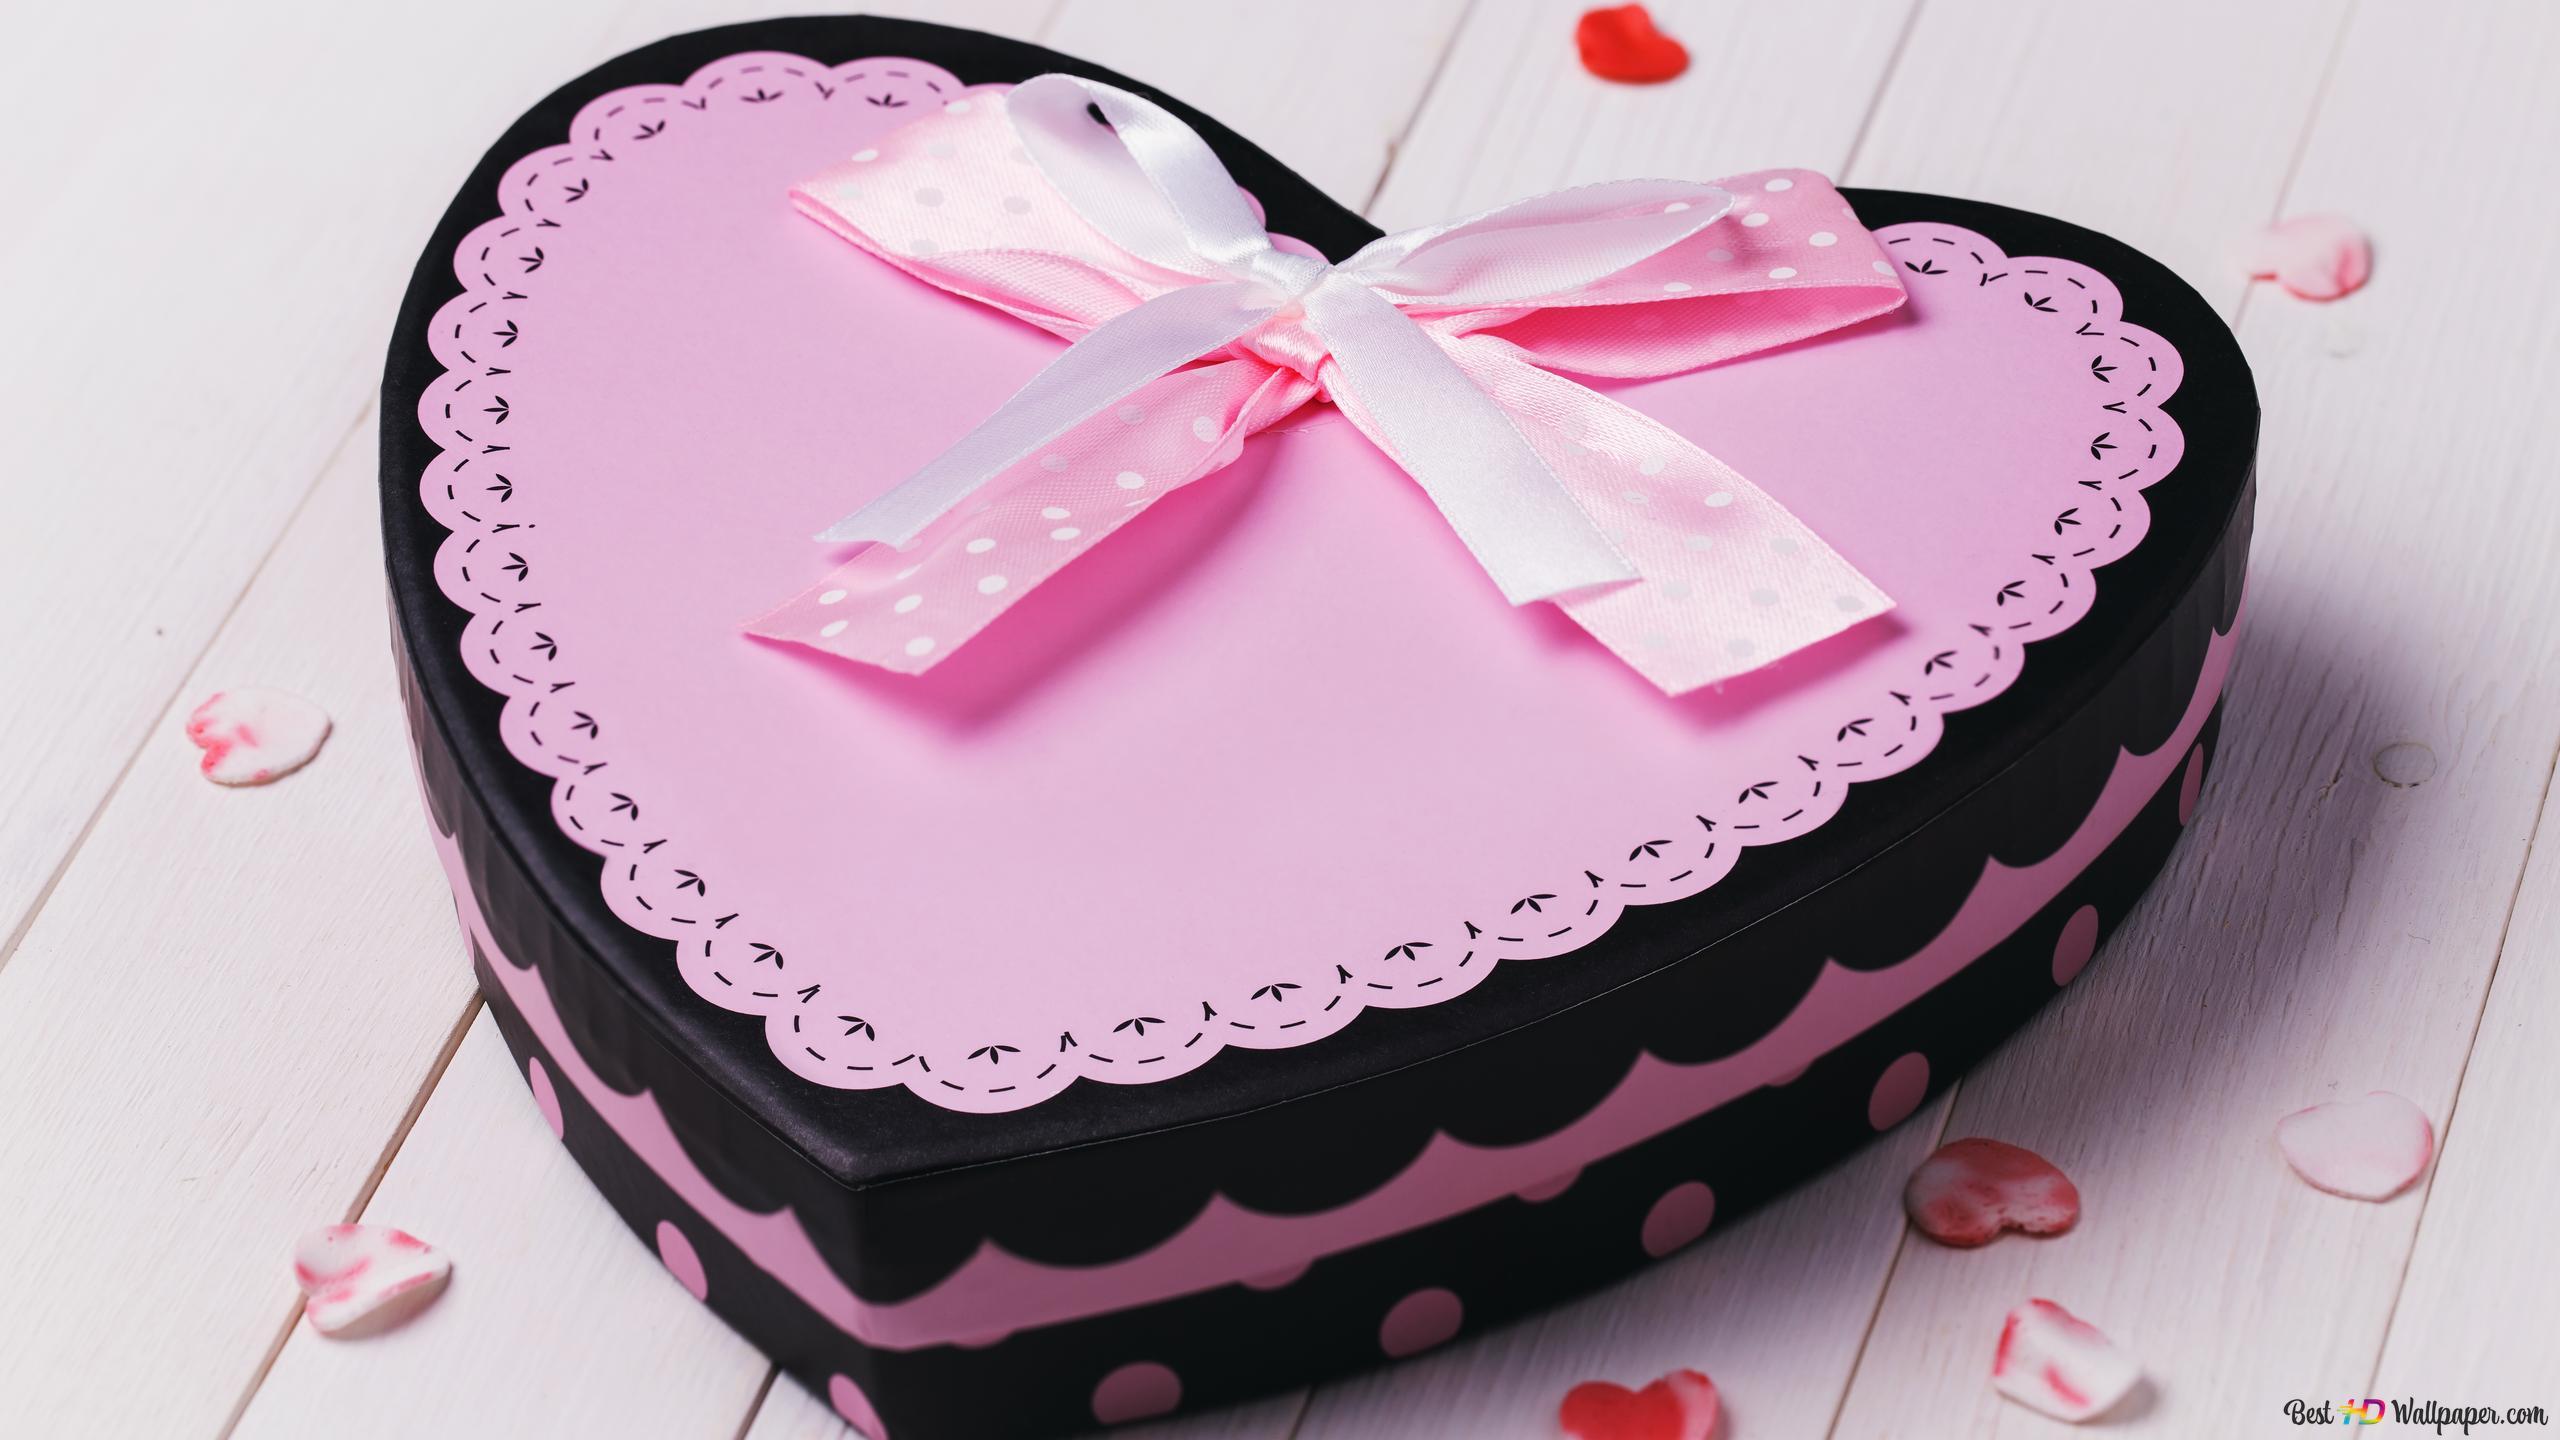 hari valentine hati berbentuk cinta kue wallpaper 2560x1440 3150 51